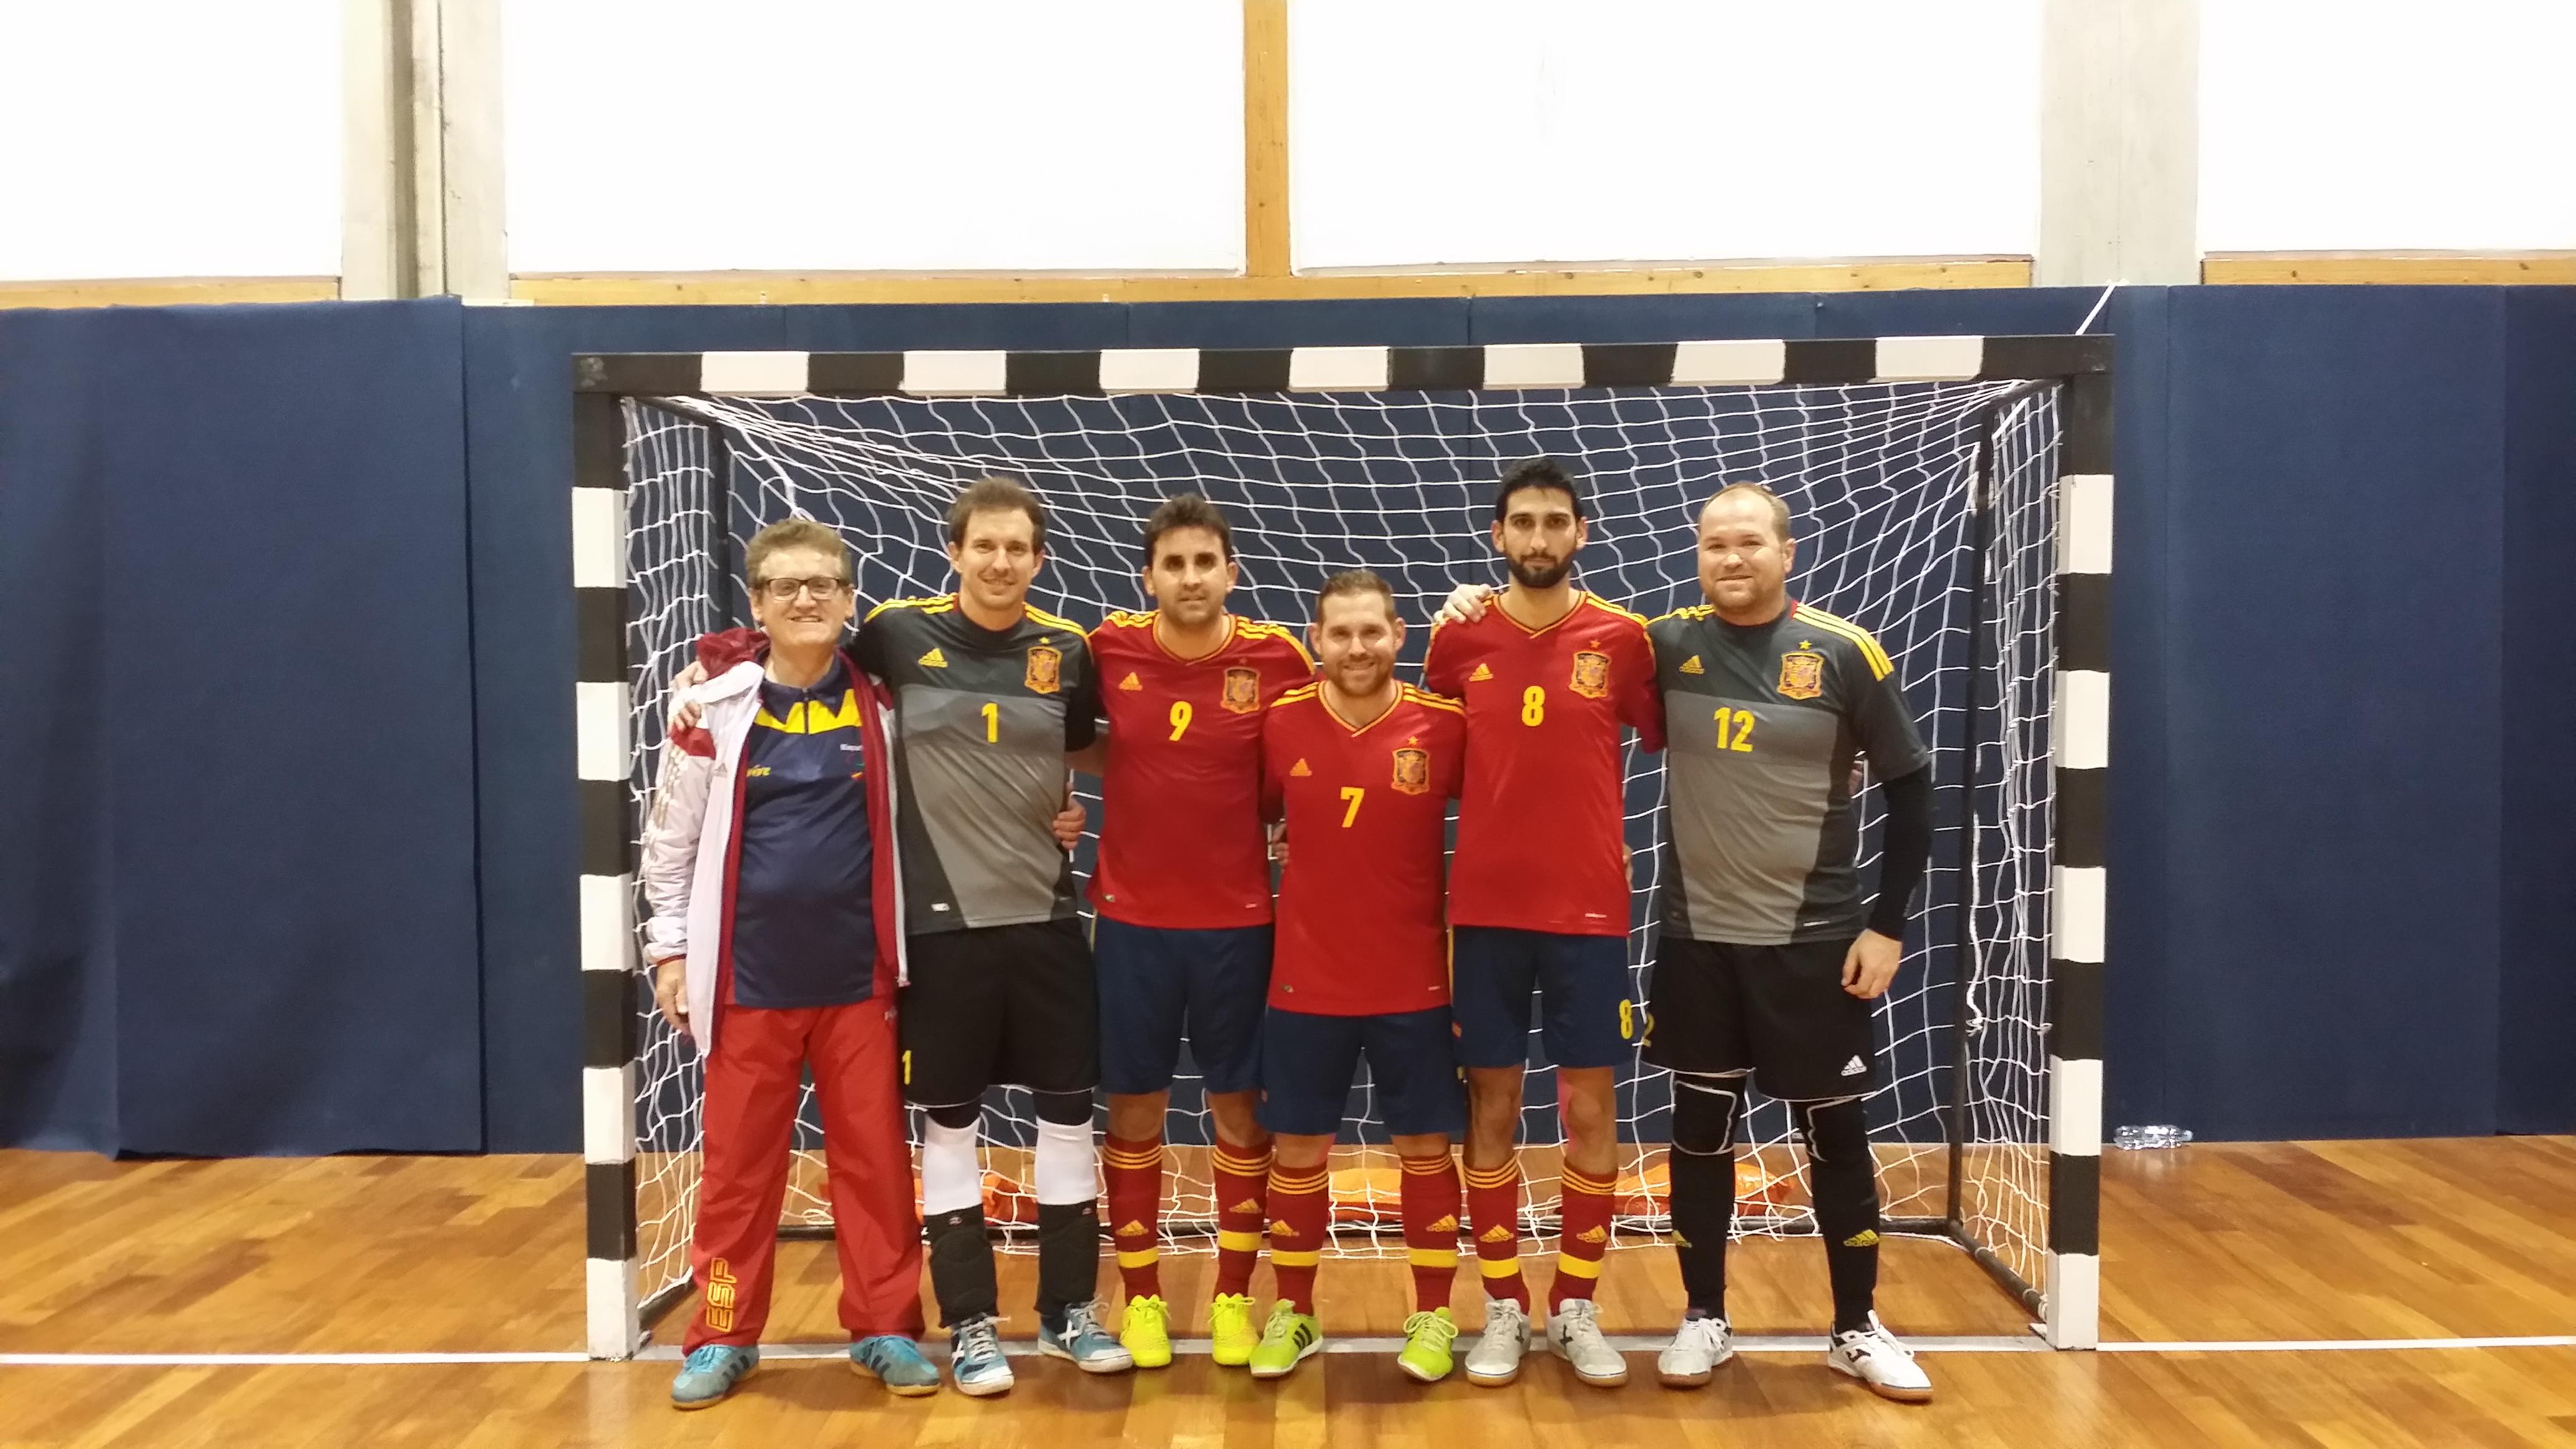 Selección Española en el Campeonato Europa 2014